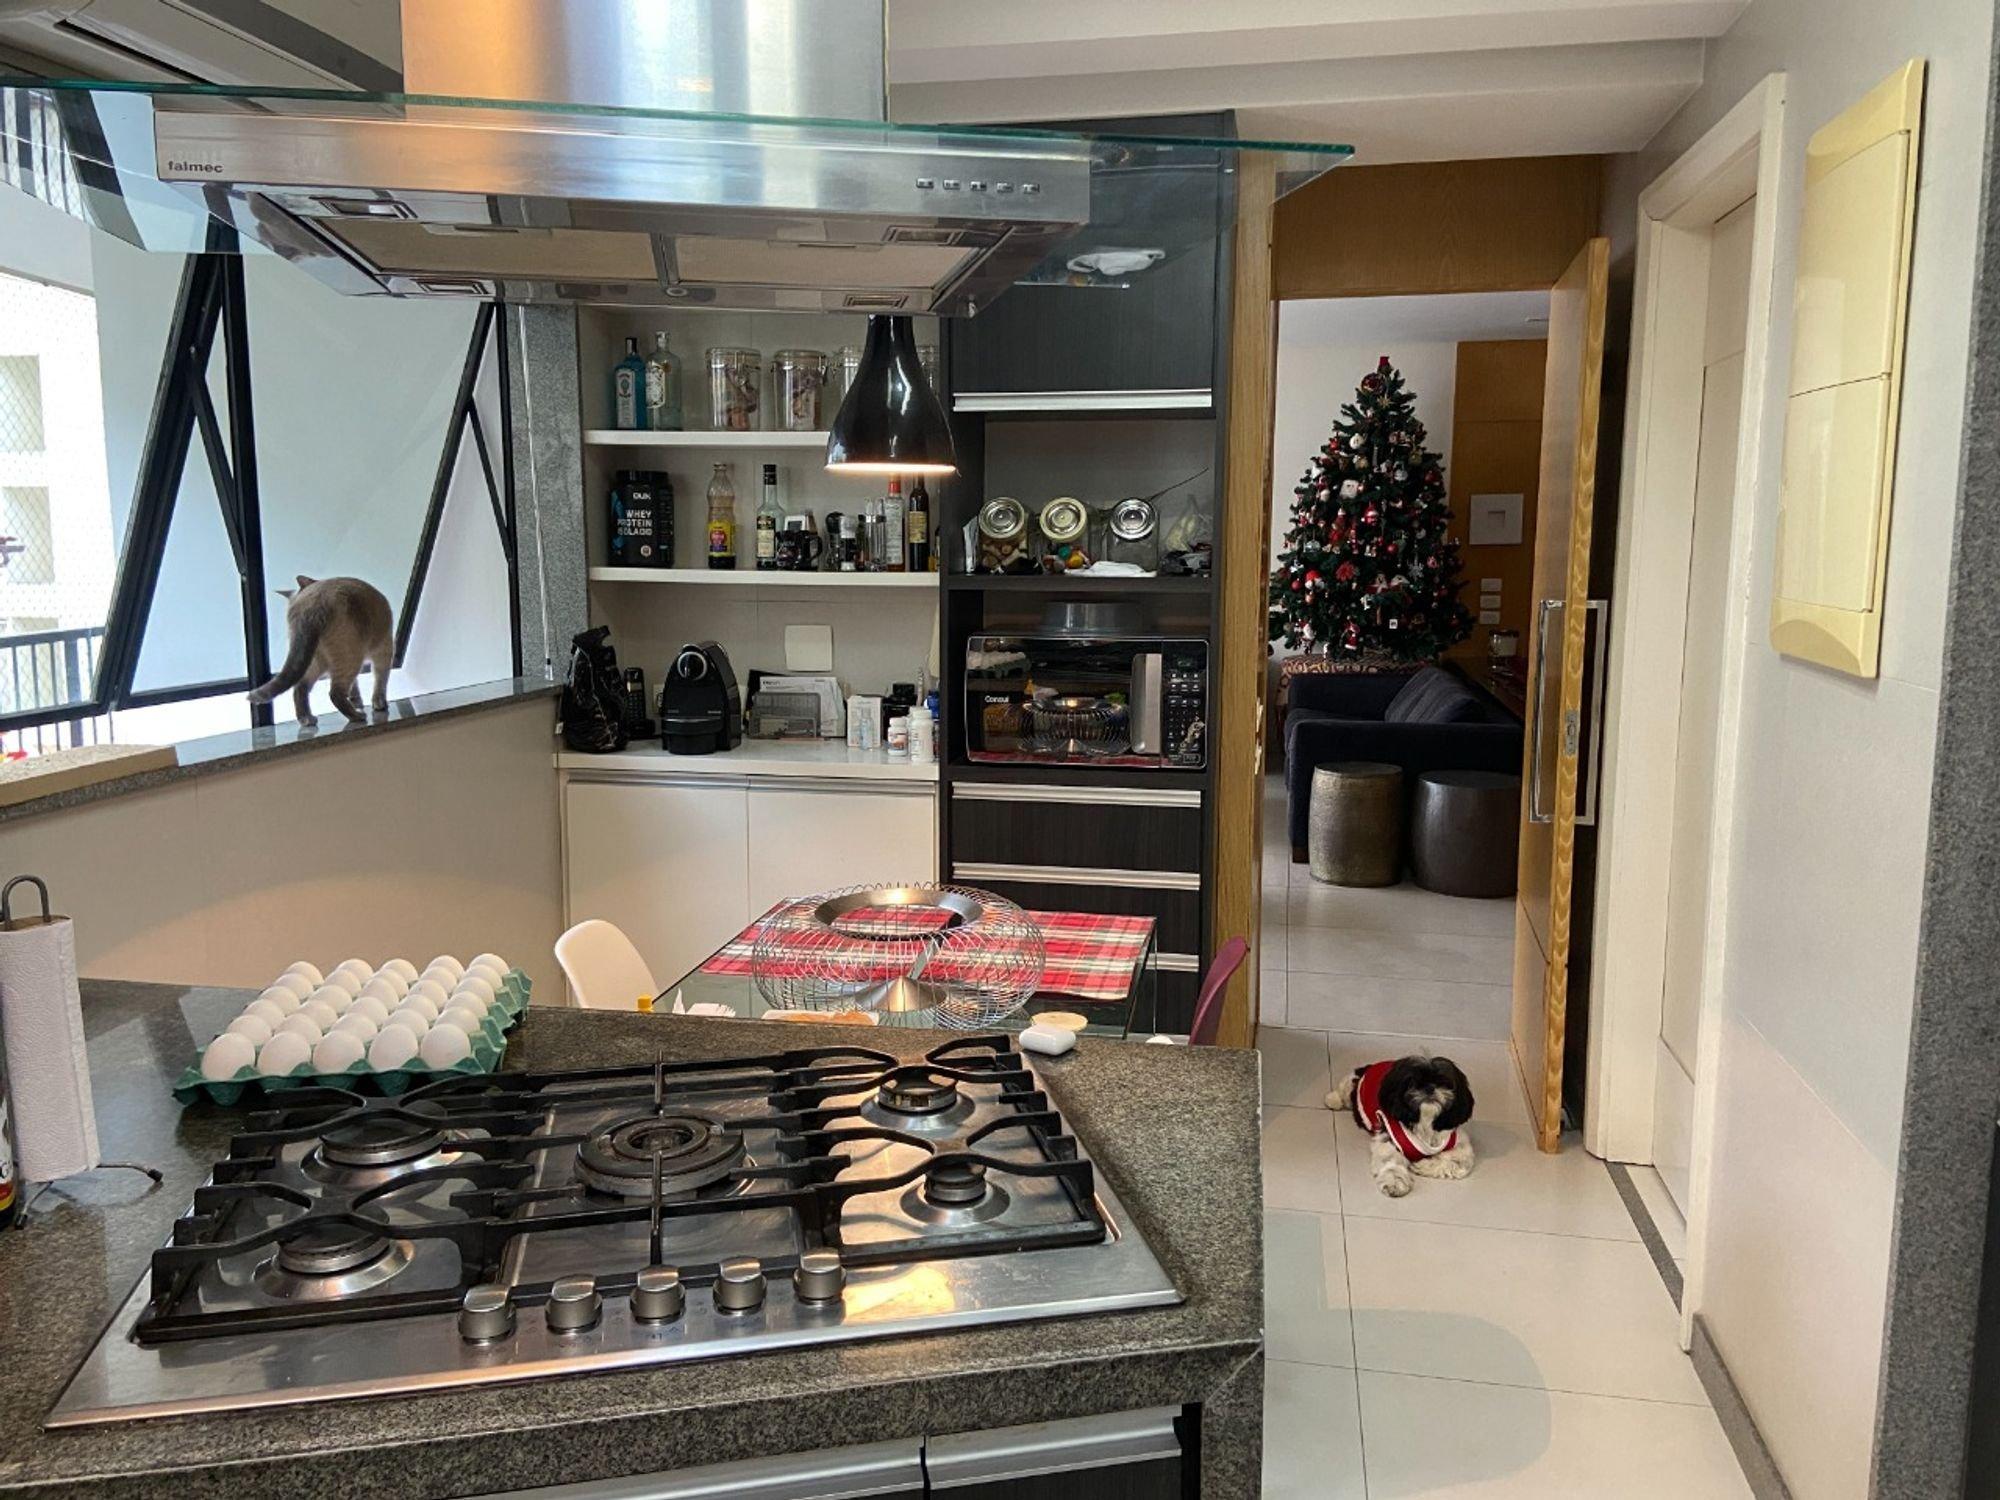 Foto de Cozinha com vaso de planta, forno, cadeira, mesa de jantar, sofá, garrafa, tigela, cão, xícara